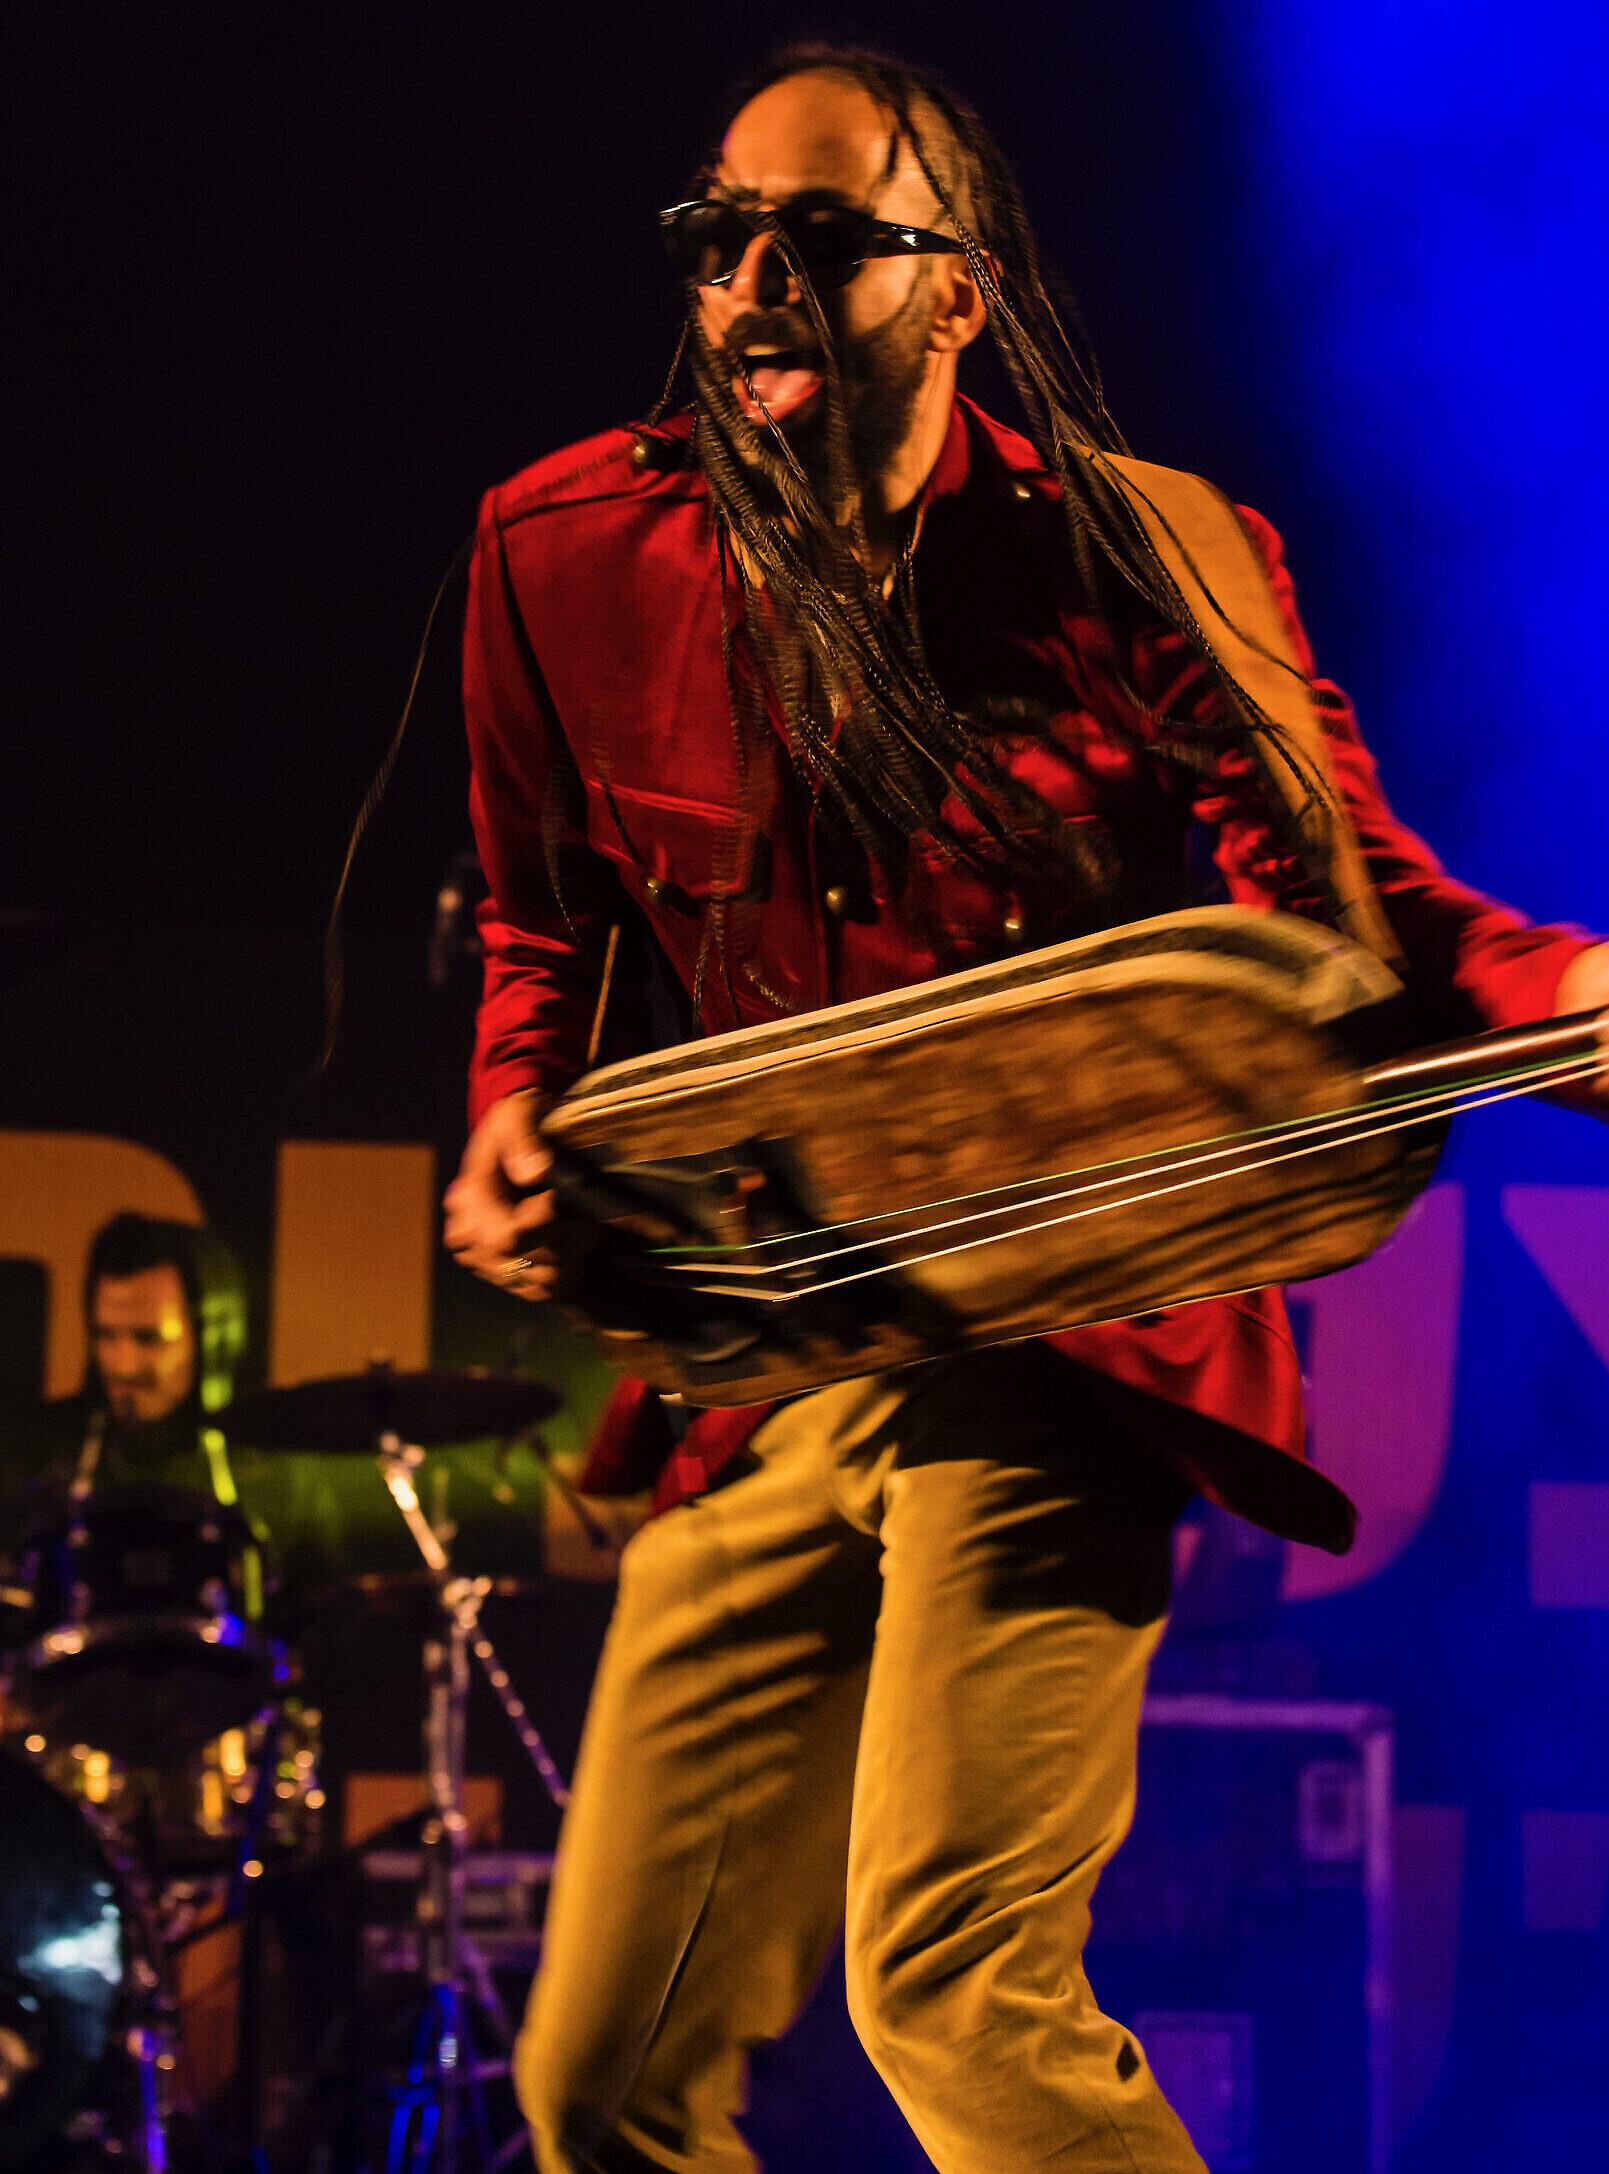 Ravid Kahalani of Yemen Blues plays the guembri on stage. Courtesy of Yemen Blues